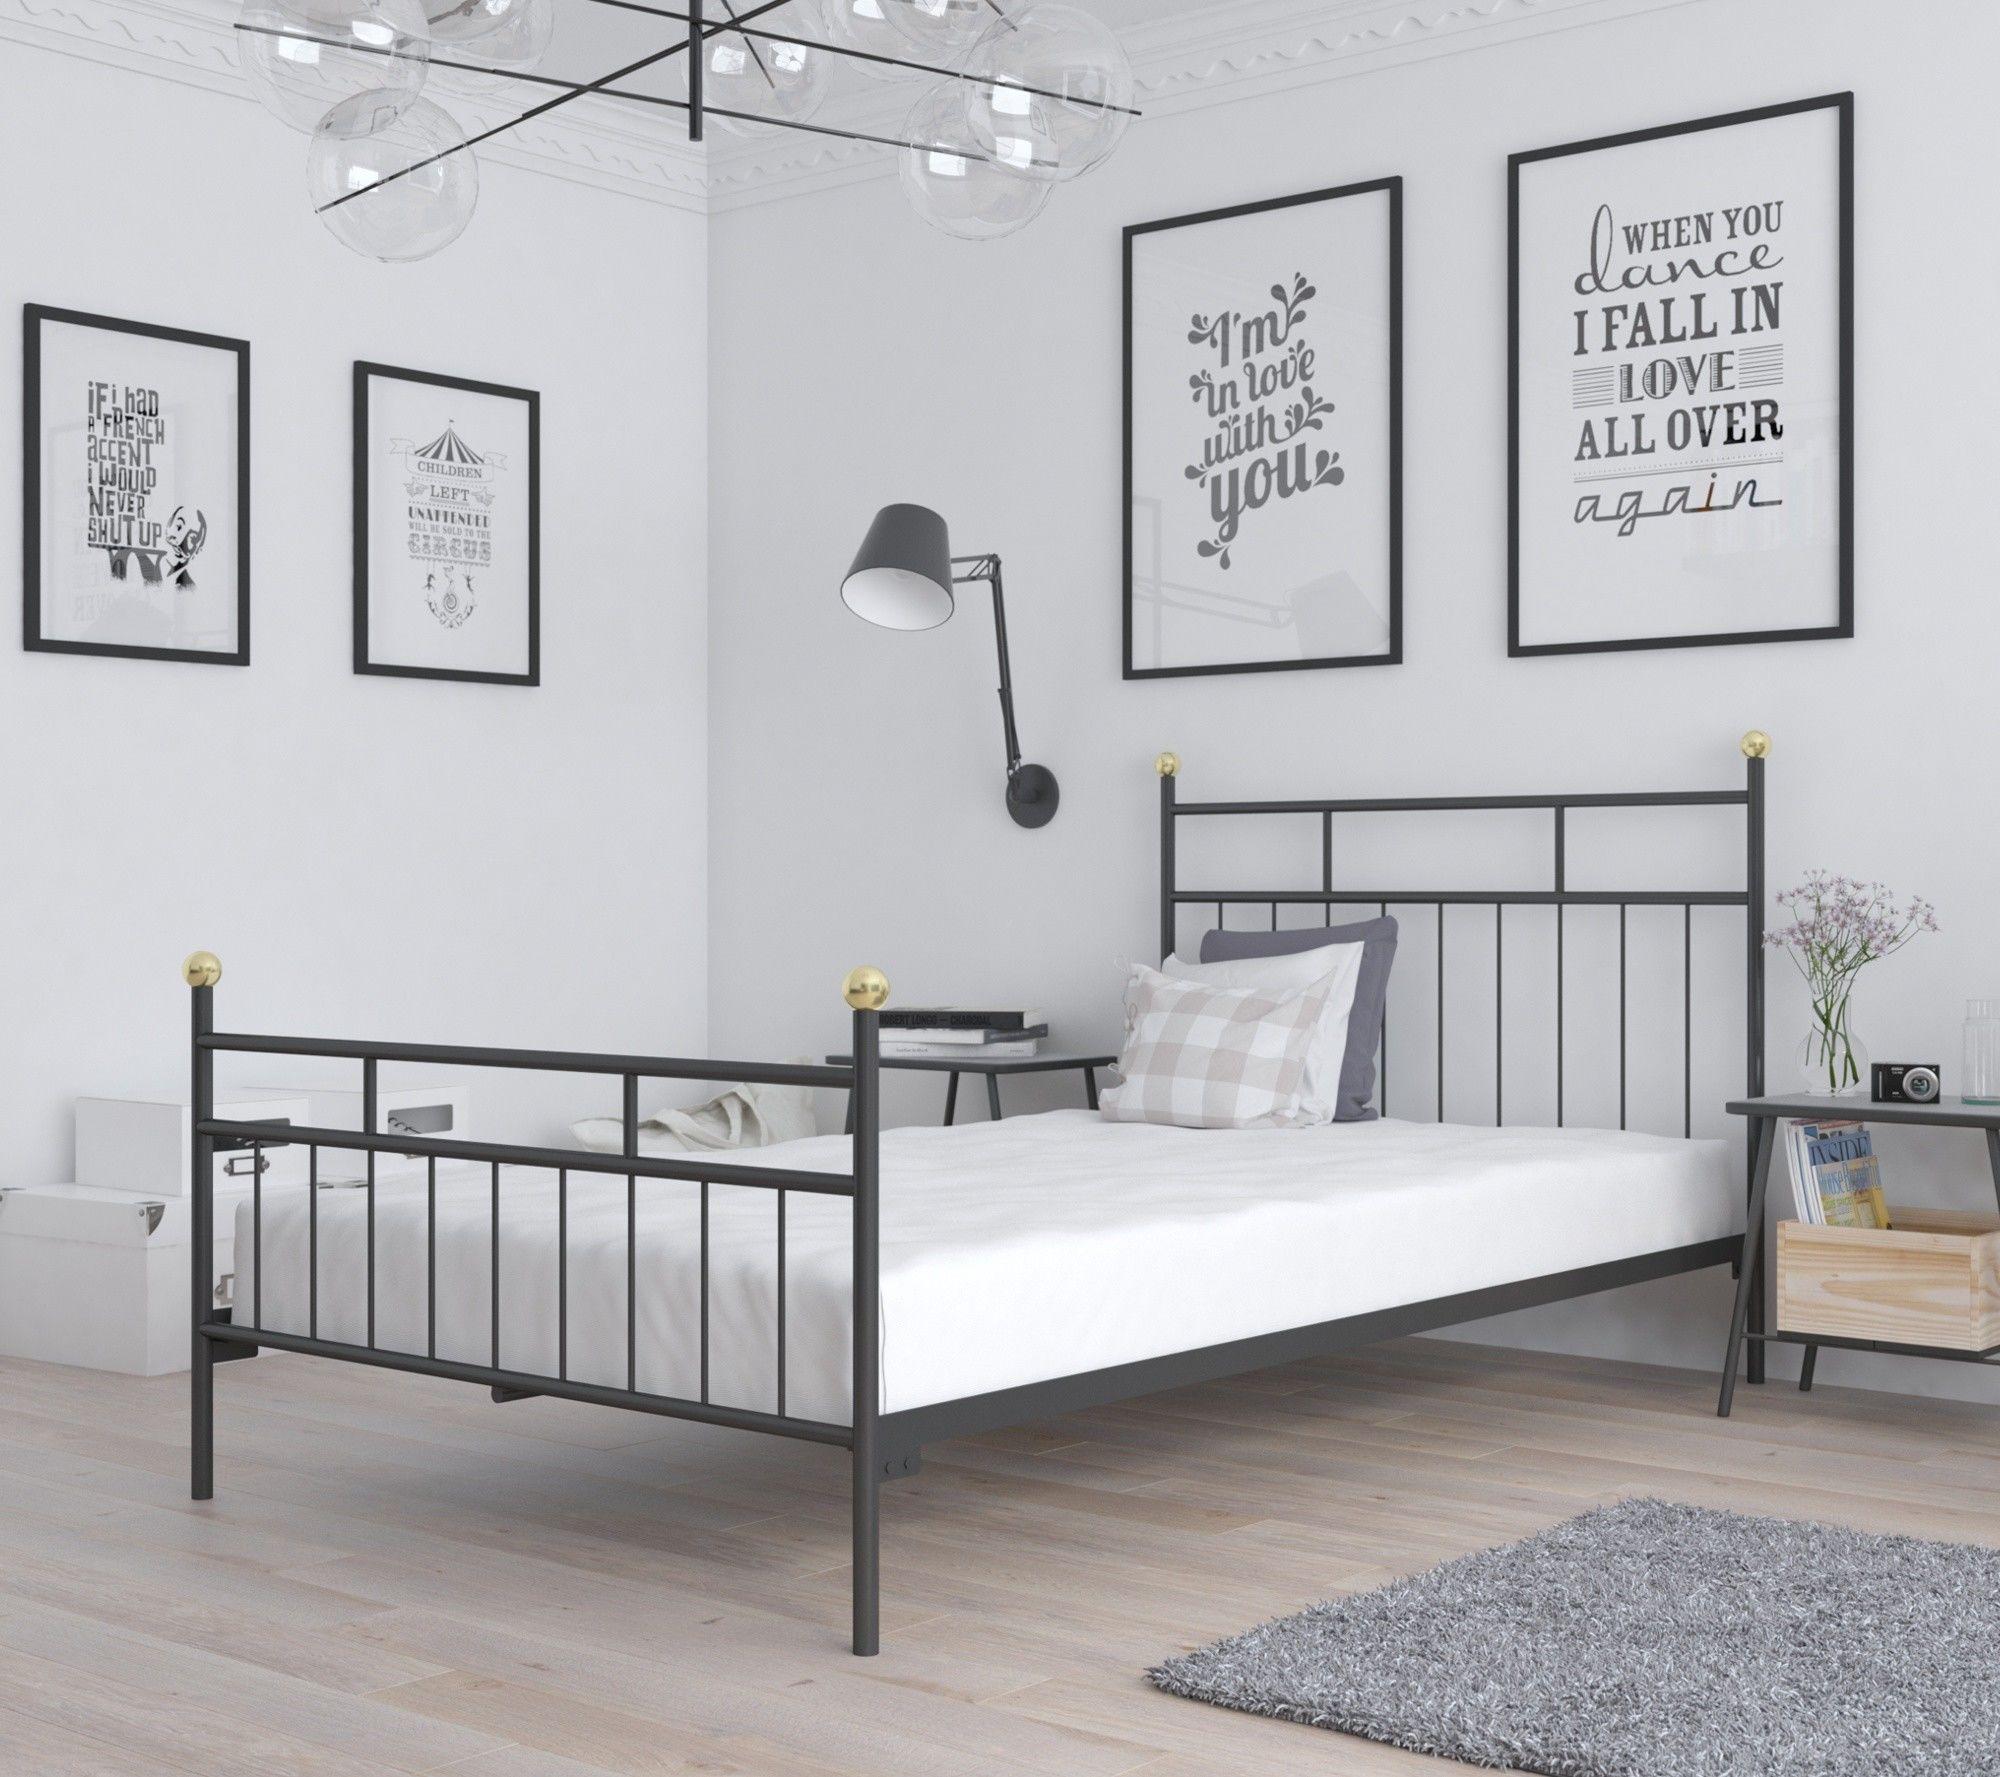 Łóżko metalowe sypialniane 80x190 wzór 27 ze stelażem